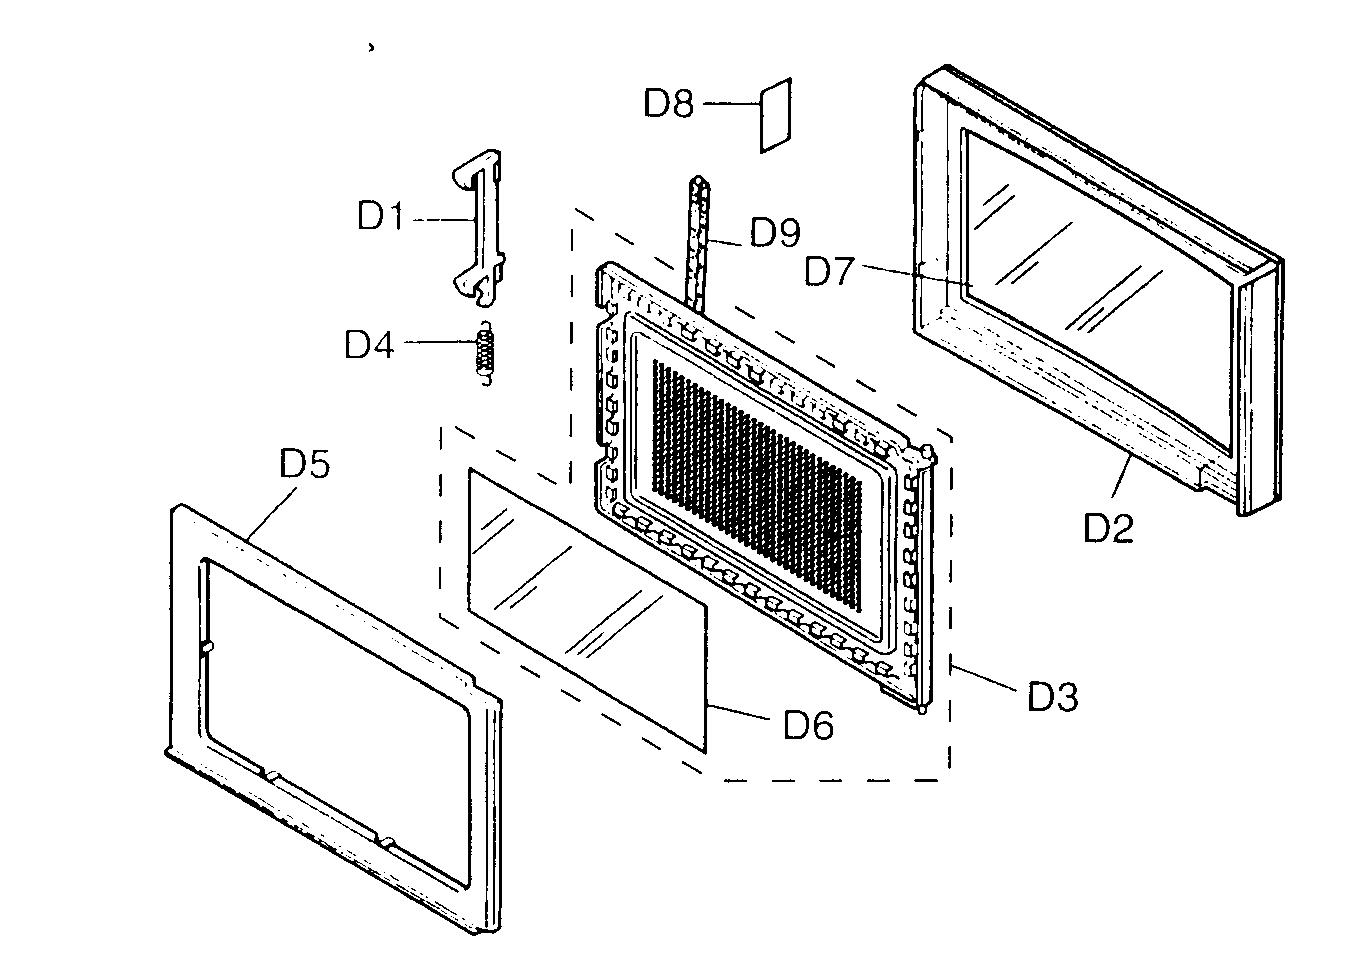 Microwave: Panasonic Microwave Parts